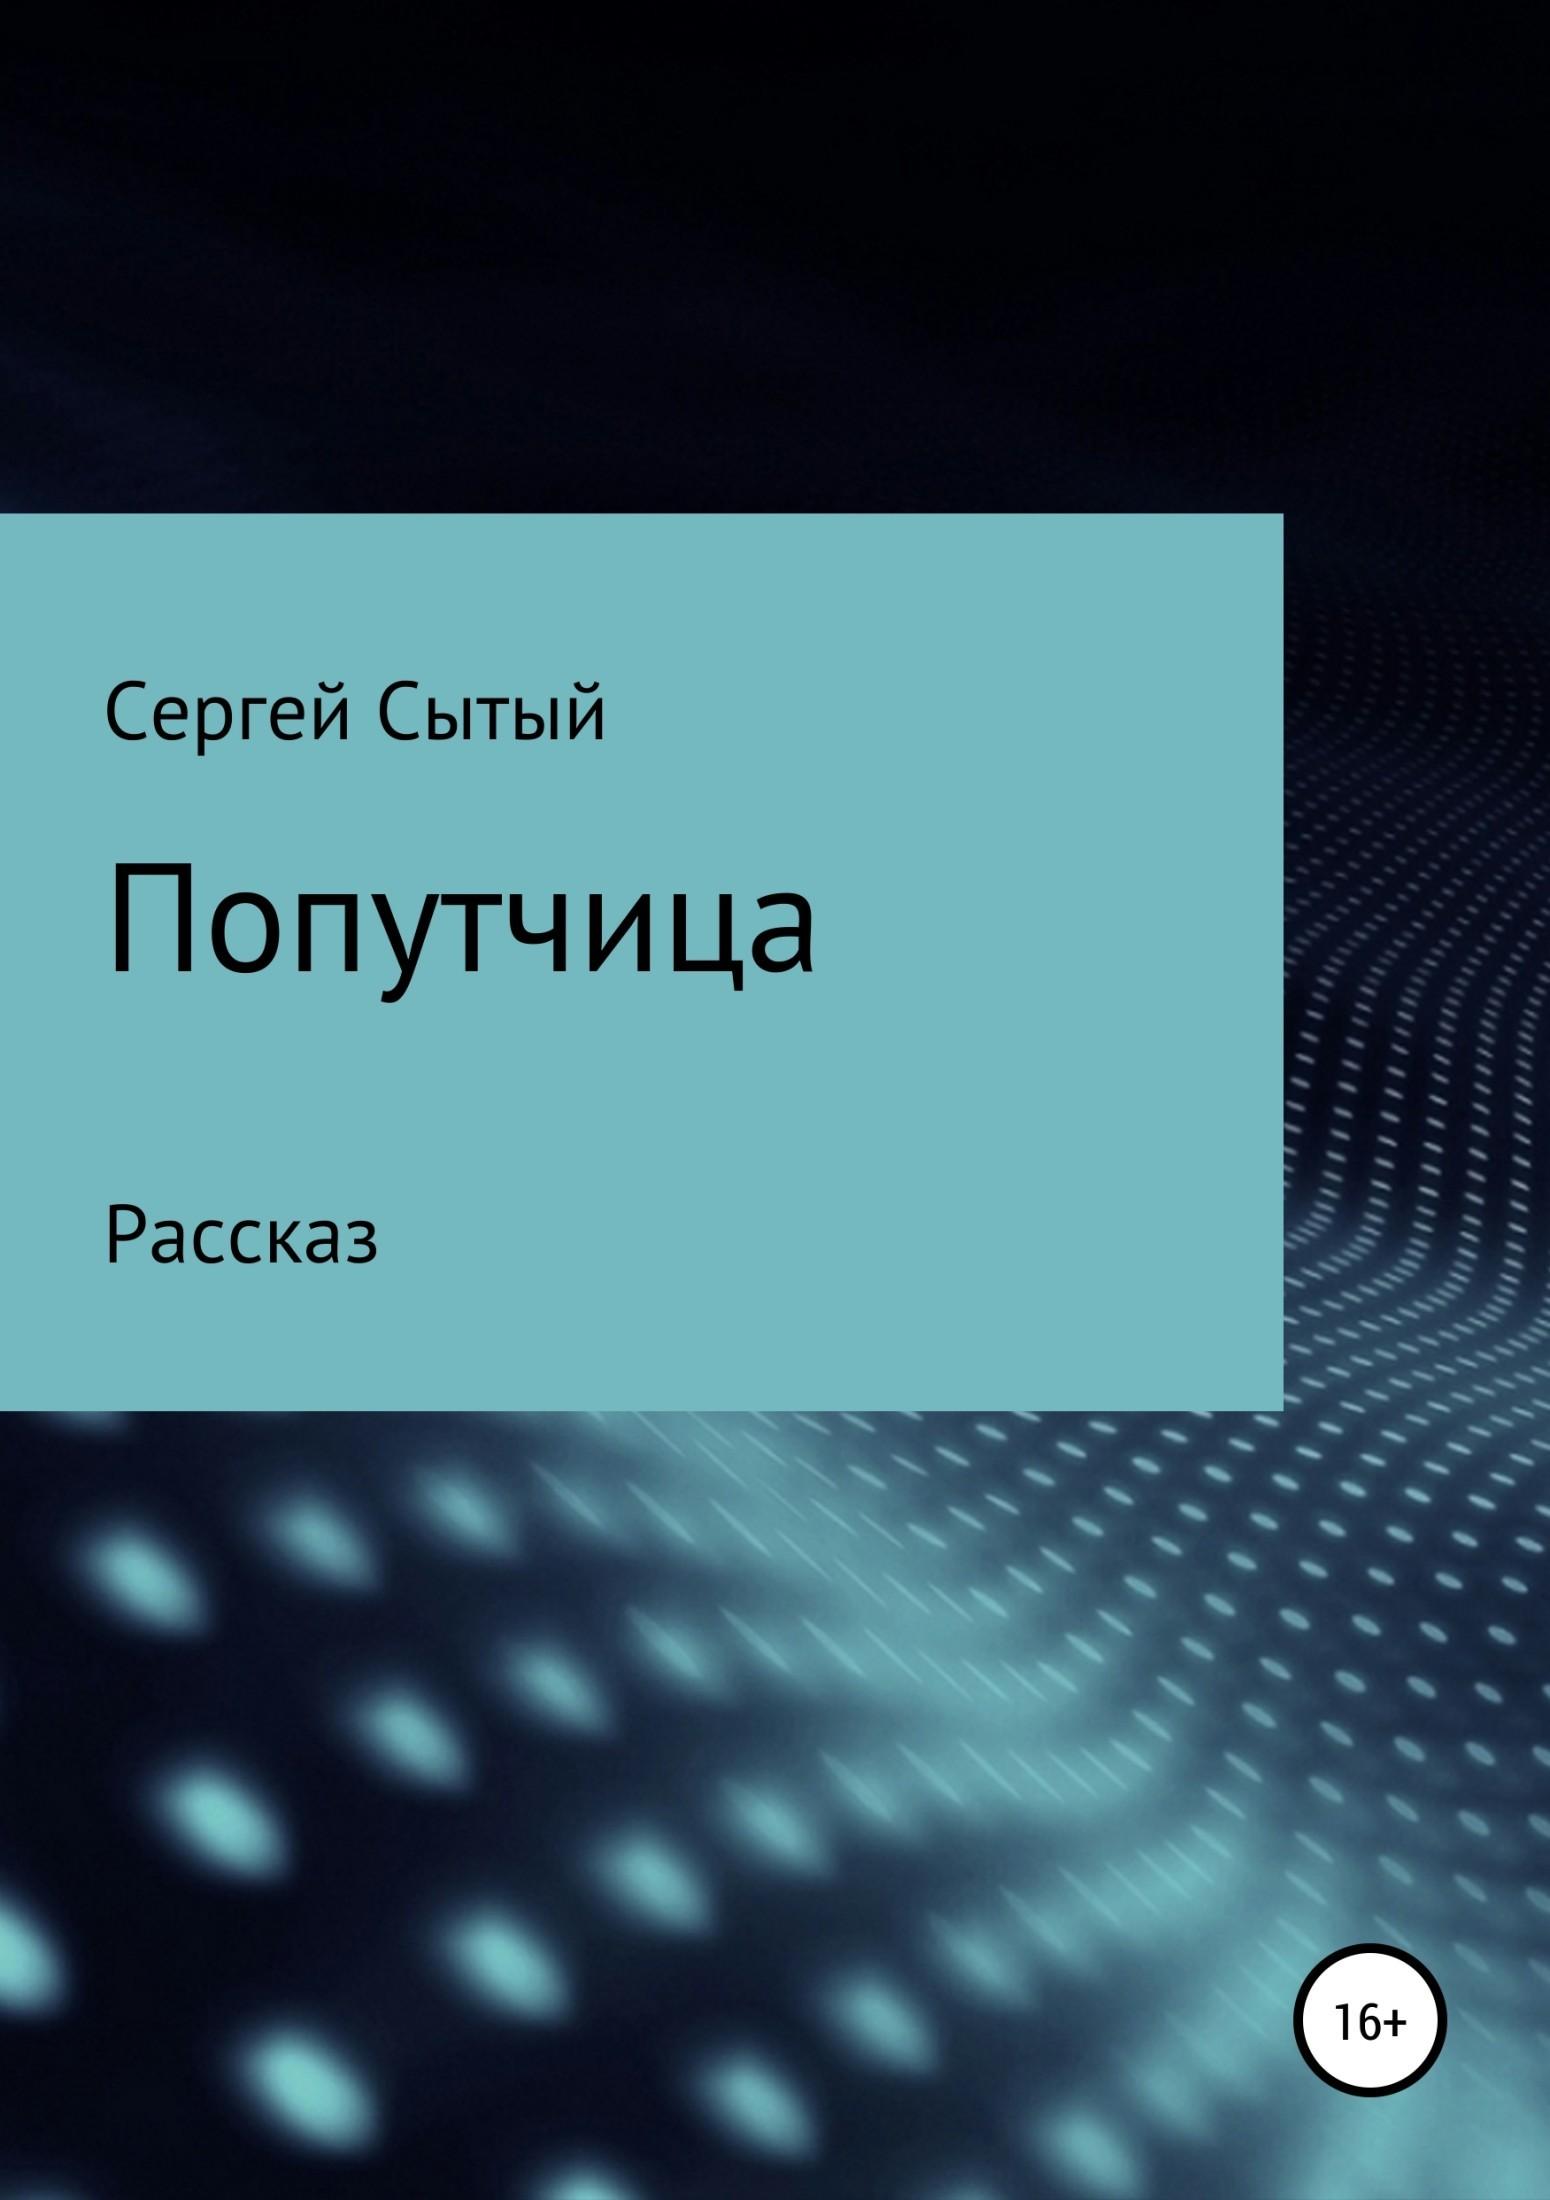 Сергей Леонидович Сытый Попутчица скурихин сергей леонидович выжигатель